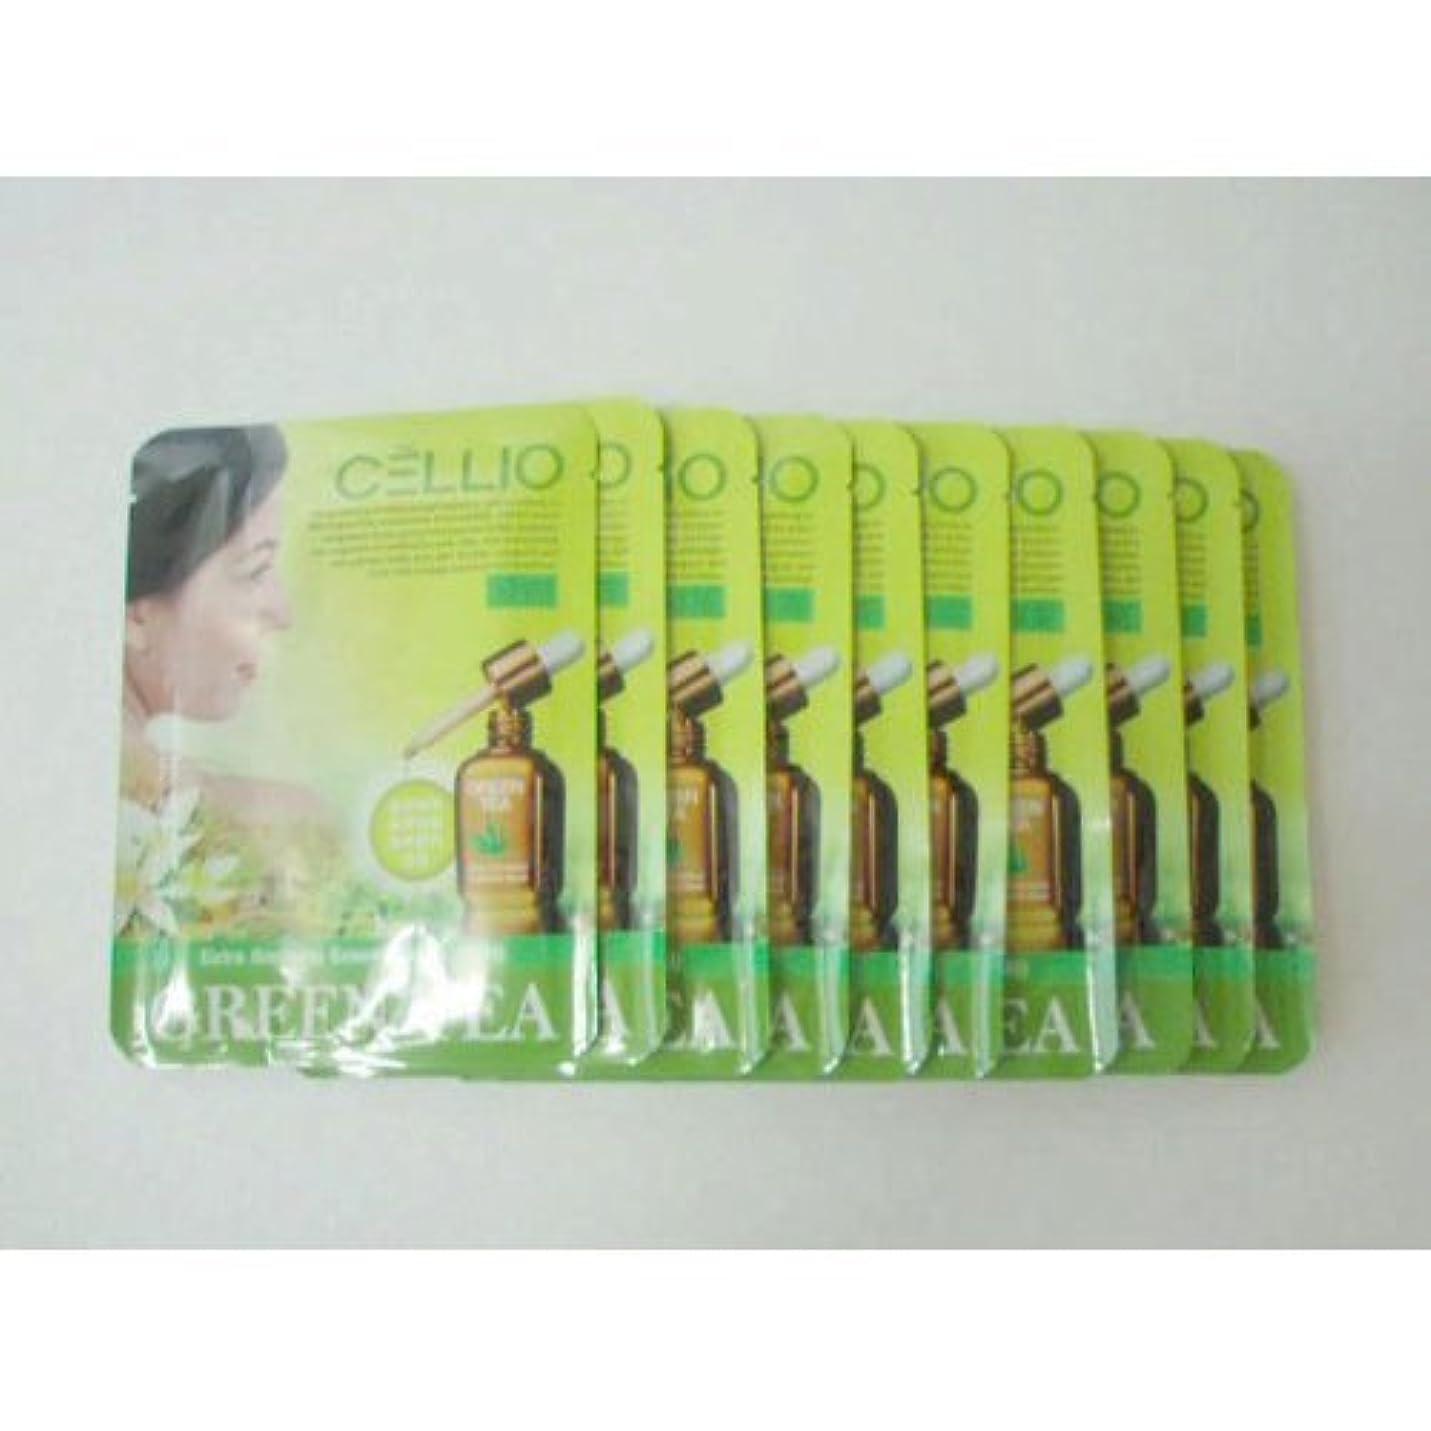 連想深く駅Cellio Extra Soothing Essential Mask_Green Tea_10 sheets